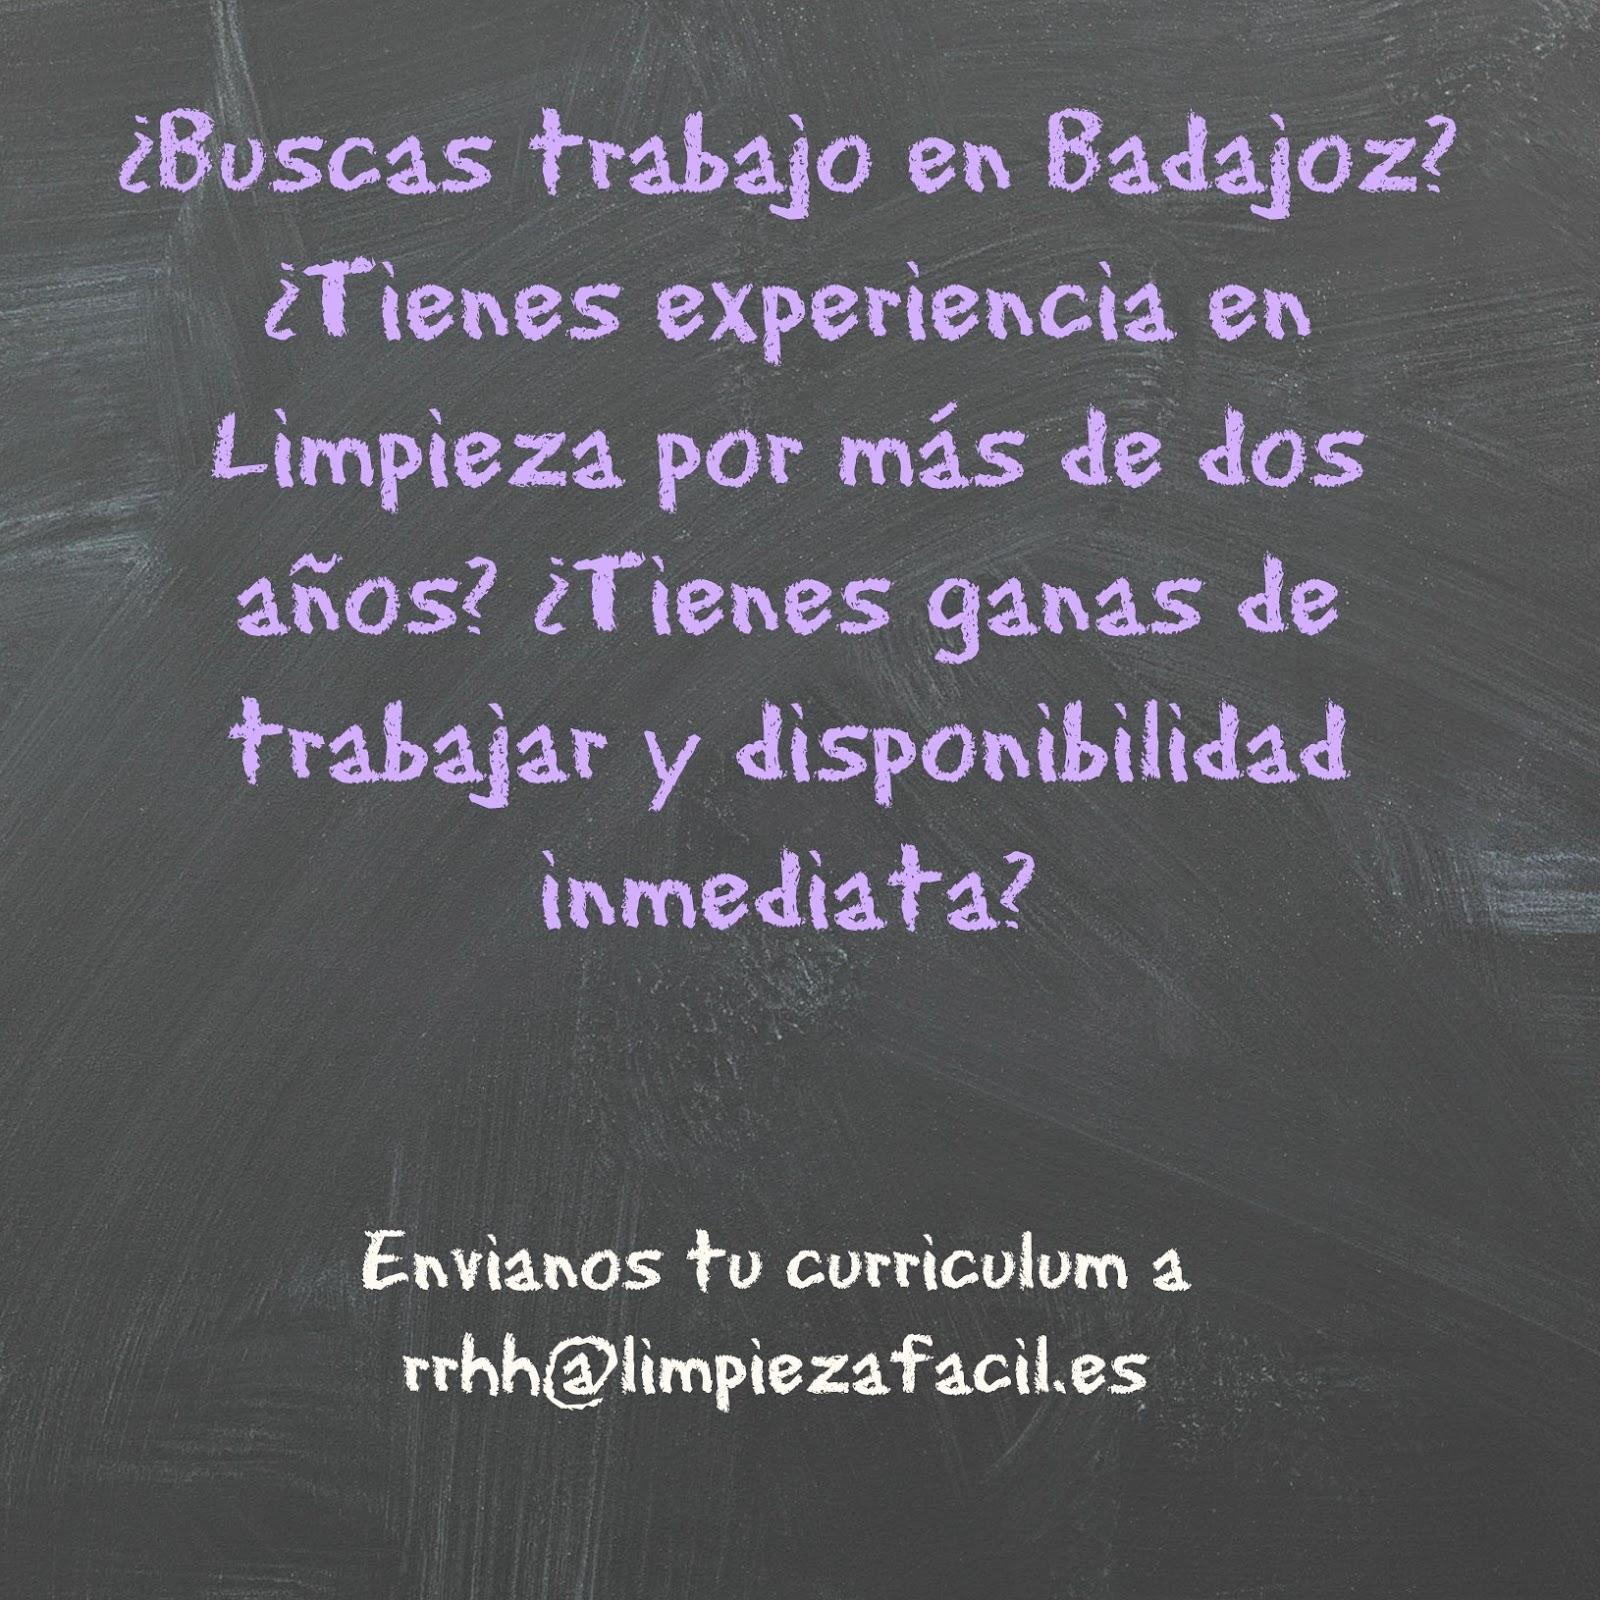 Oferta de trabajo - Limpiadora en Badajoz